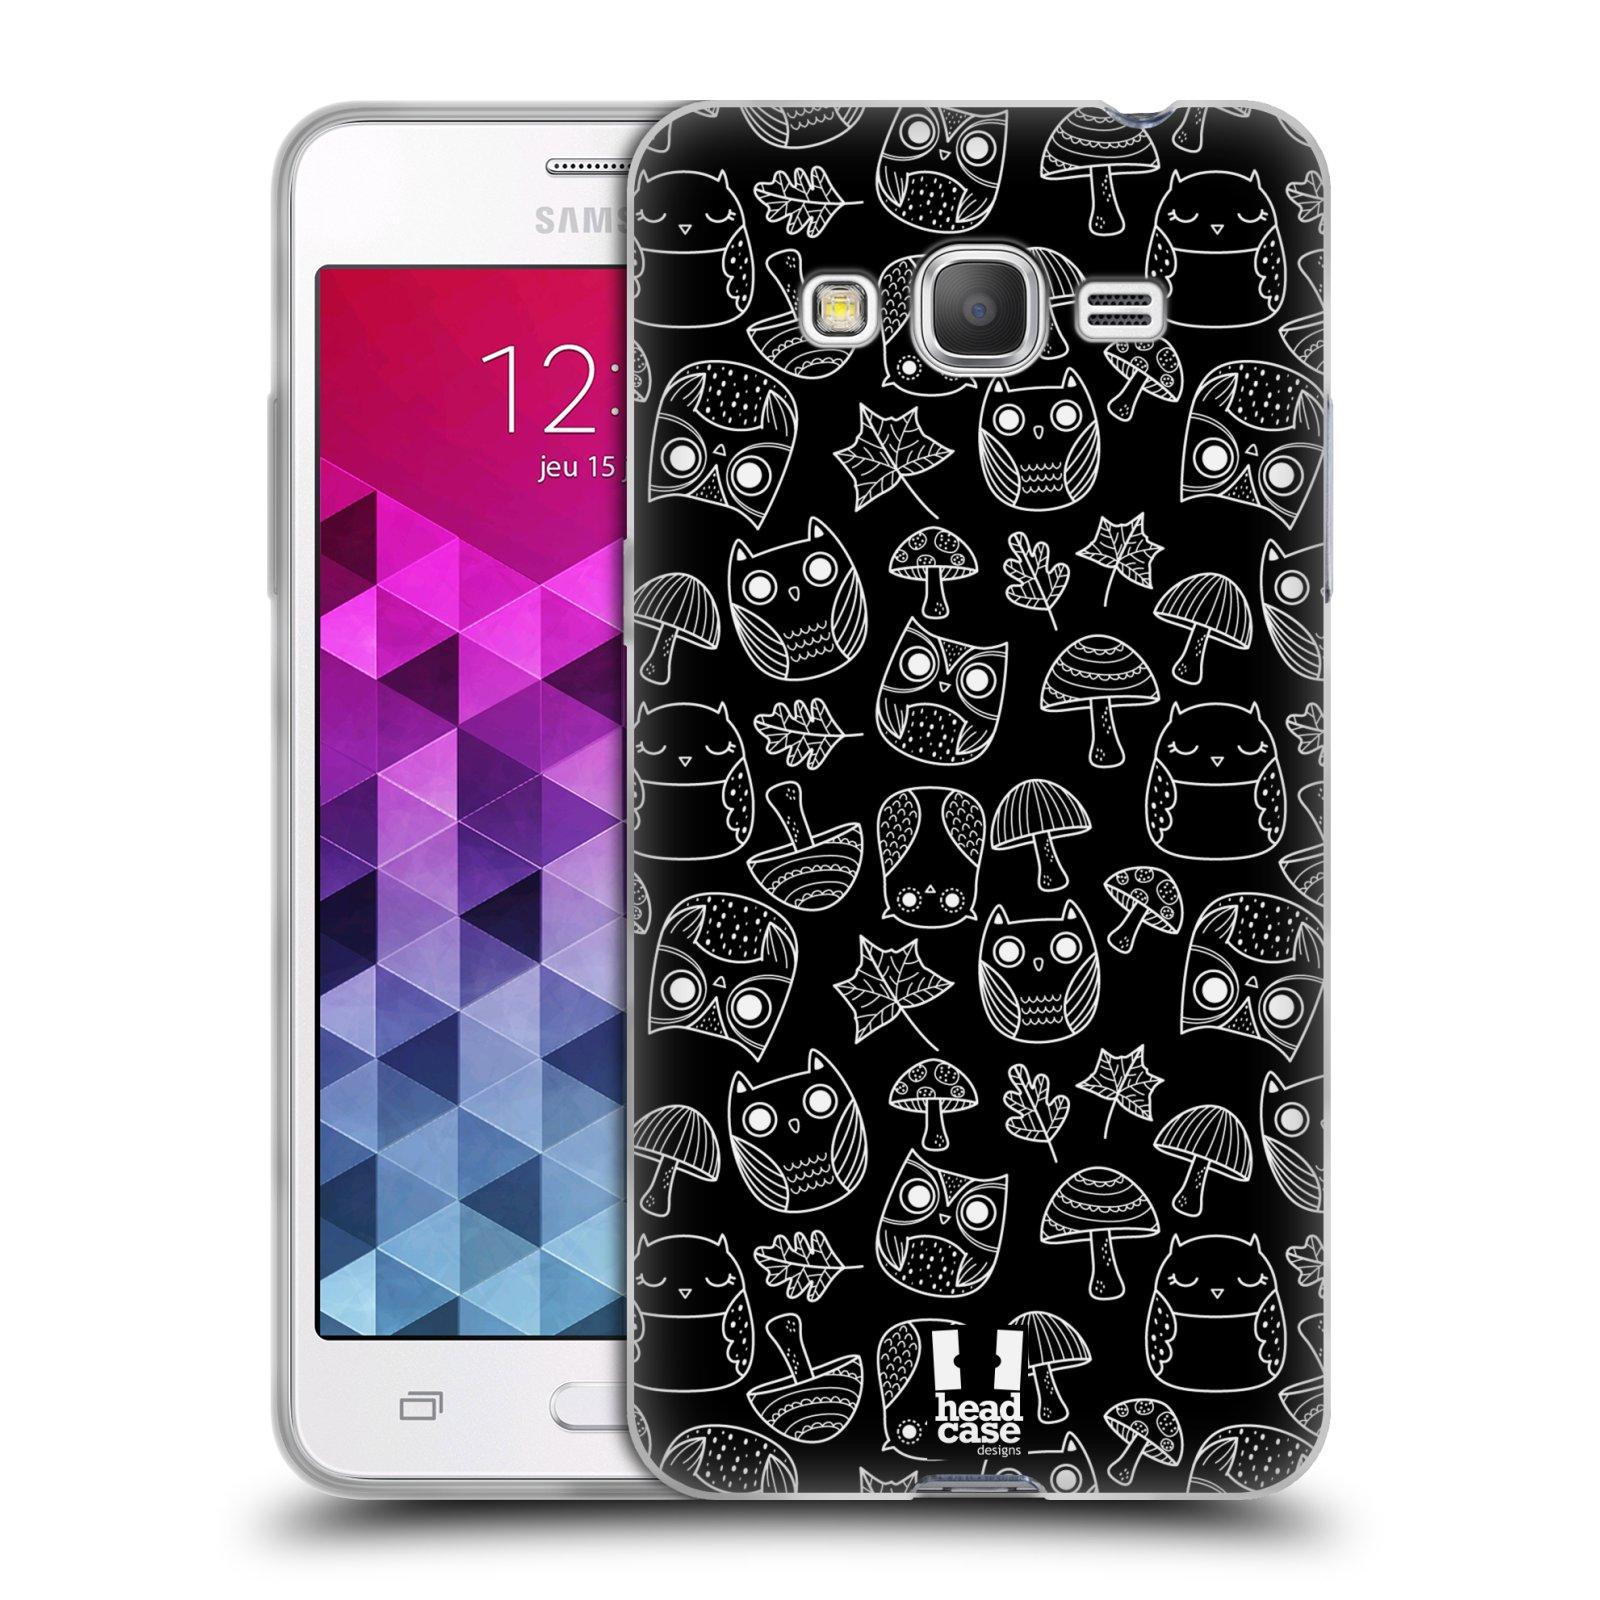 Silikonové pouzdro na mobil Samsung Galaxy Grand Prime HEAD CASE SOVIČKY A HOUBIČKY